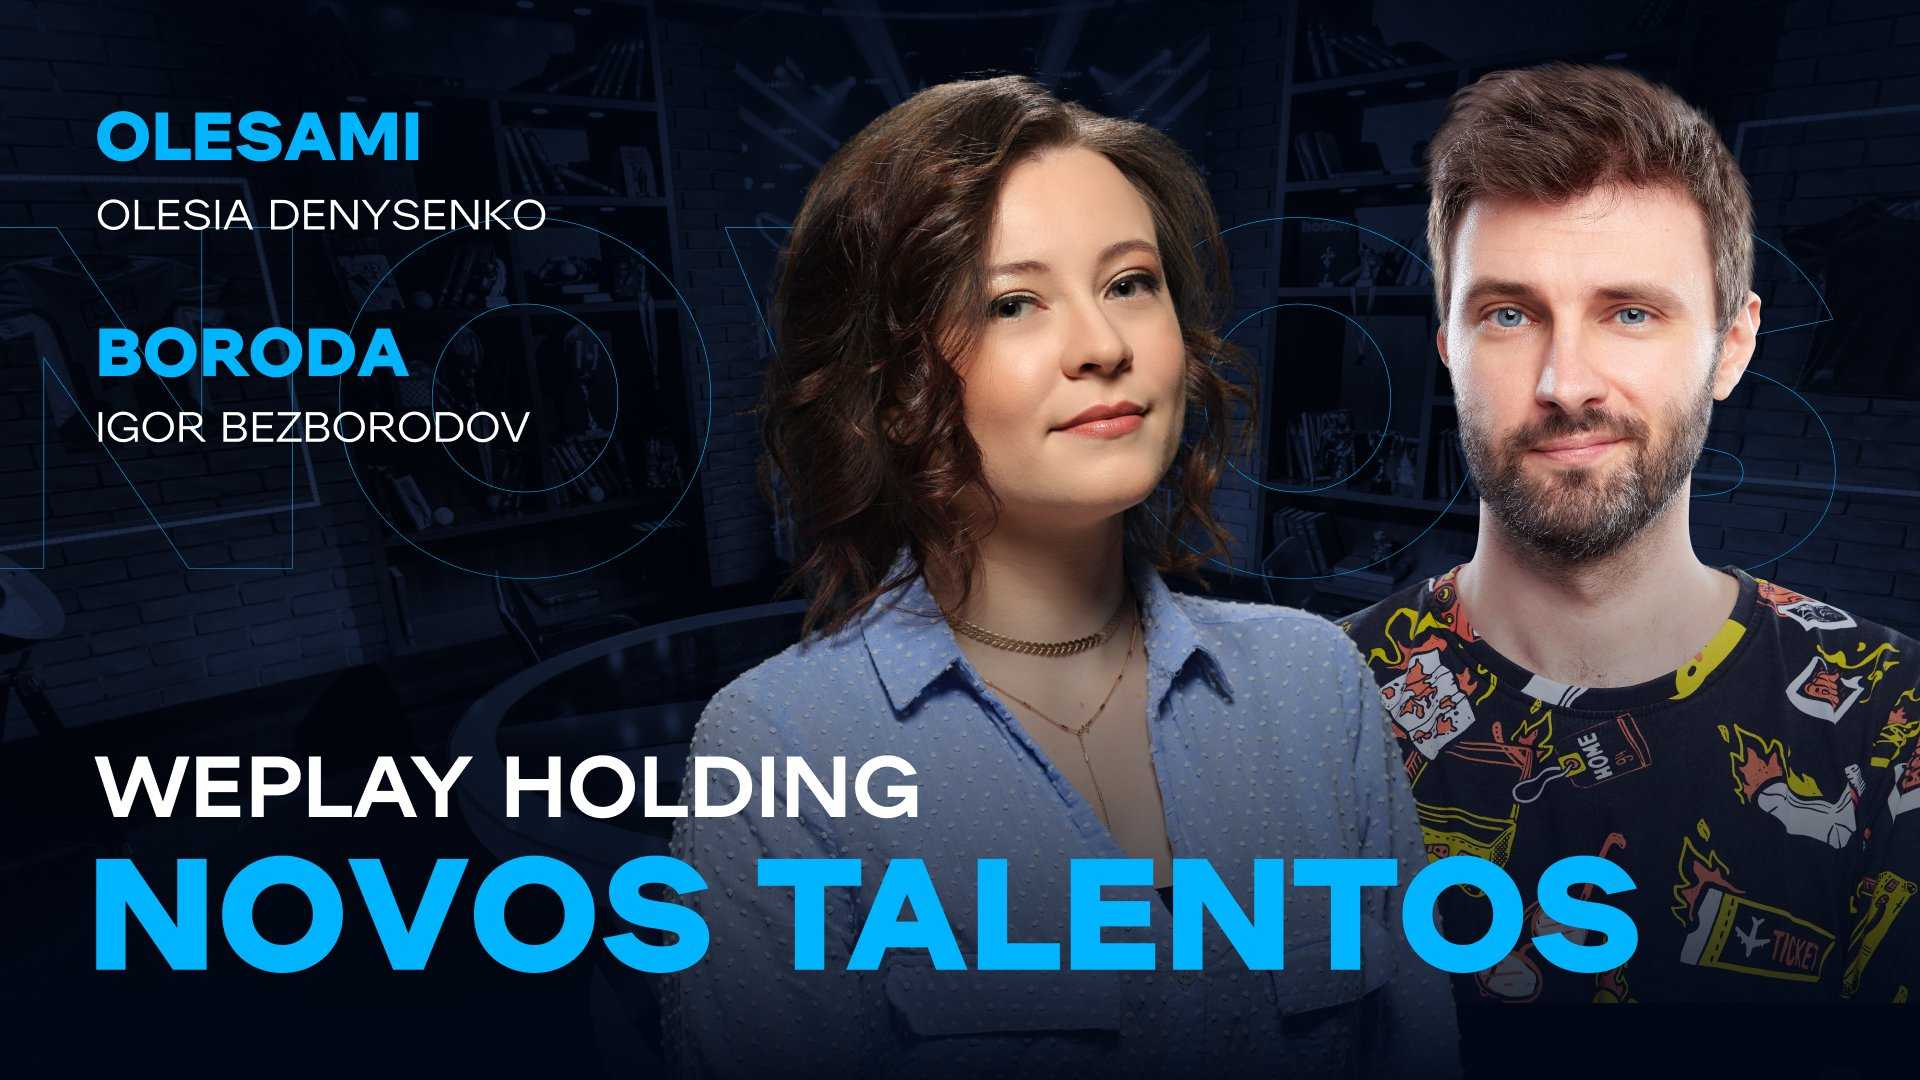 Novos talentos da WePlay Holding. Imagem: WePlay Holding